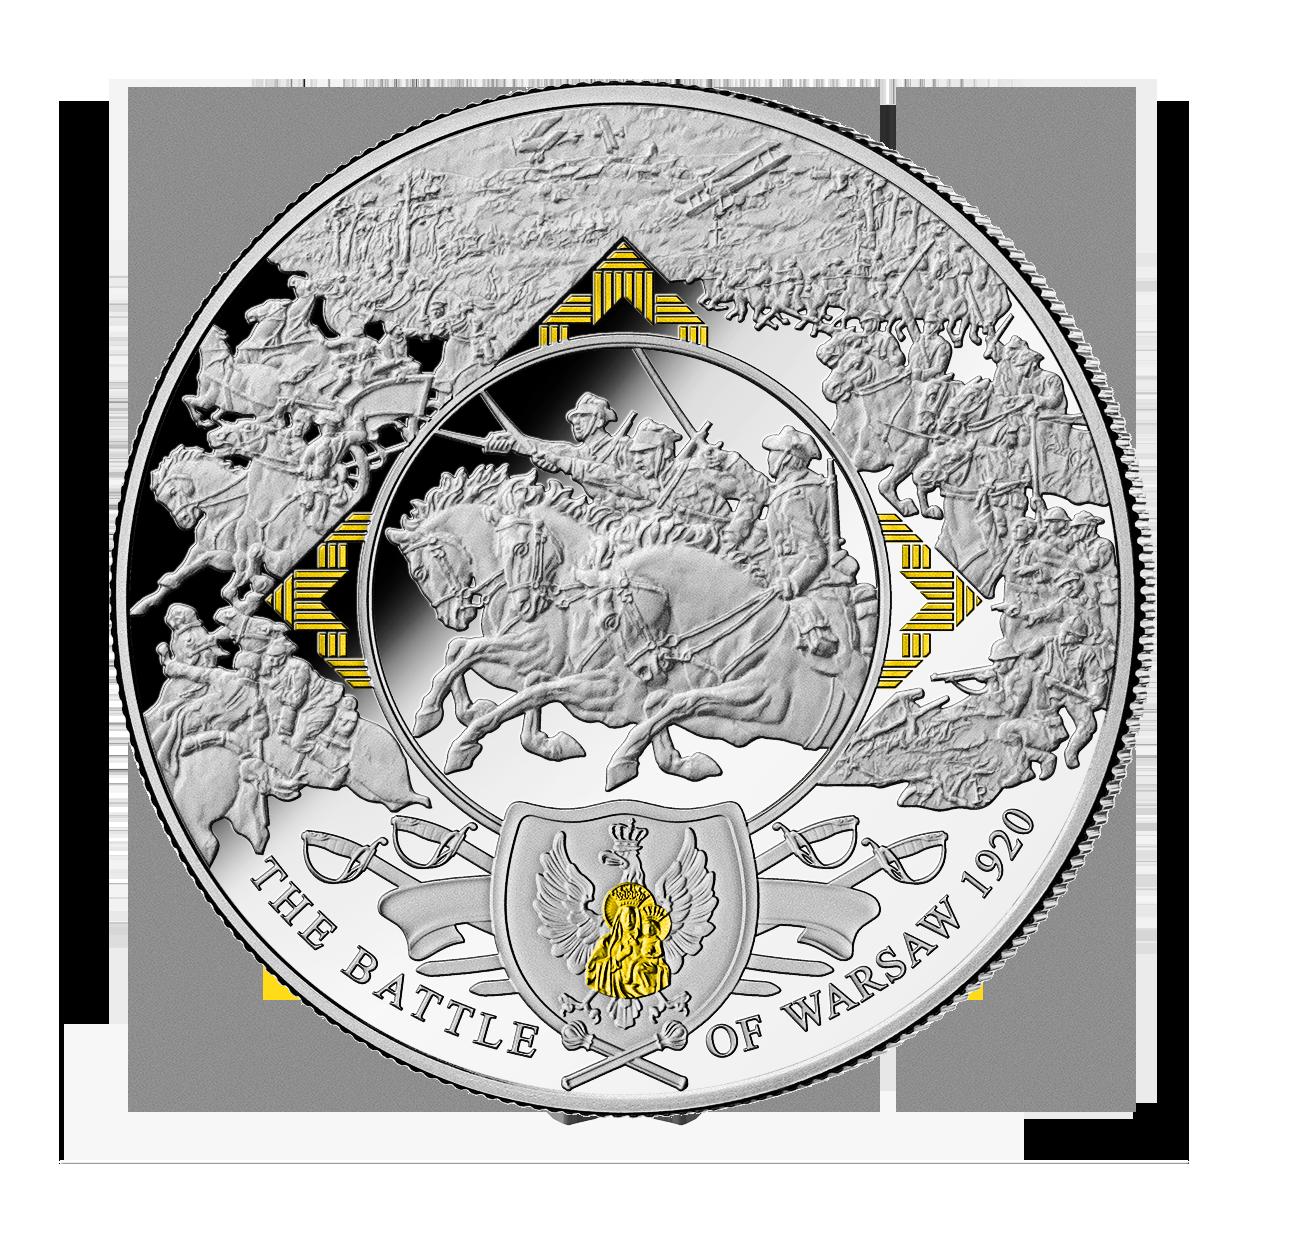 Bitwa Warszawska 1920 na srebrnej monecie o wadze aż 0,5 kg!